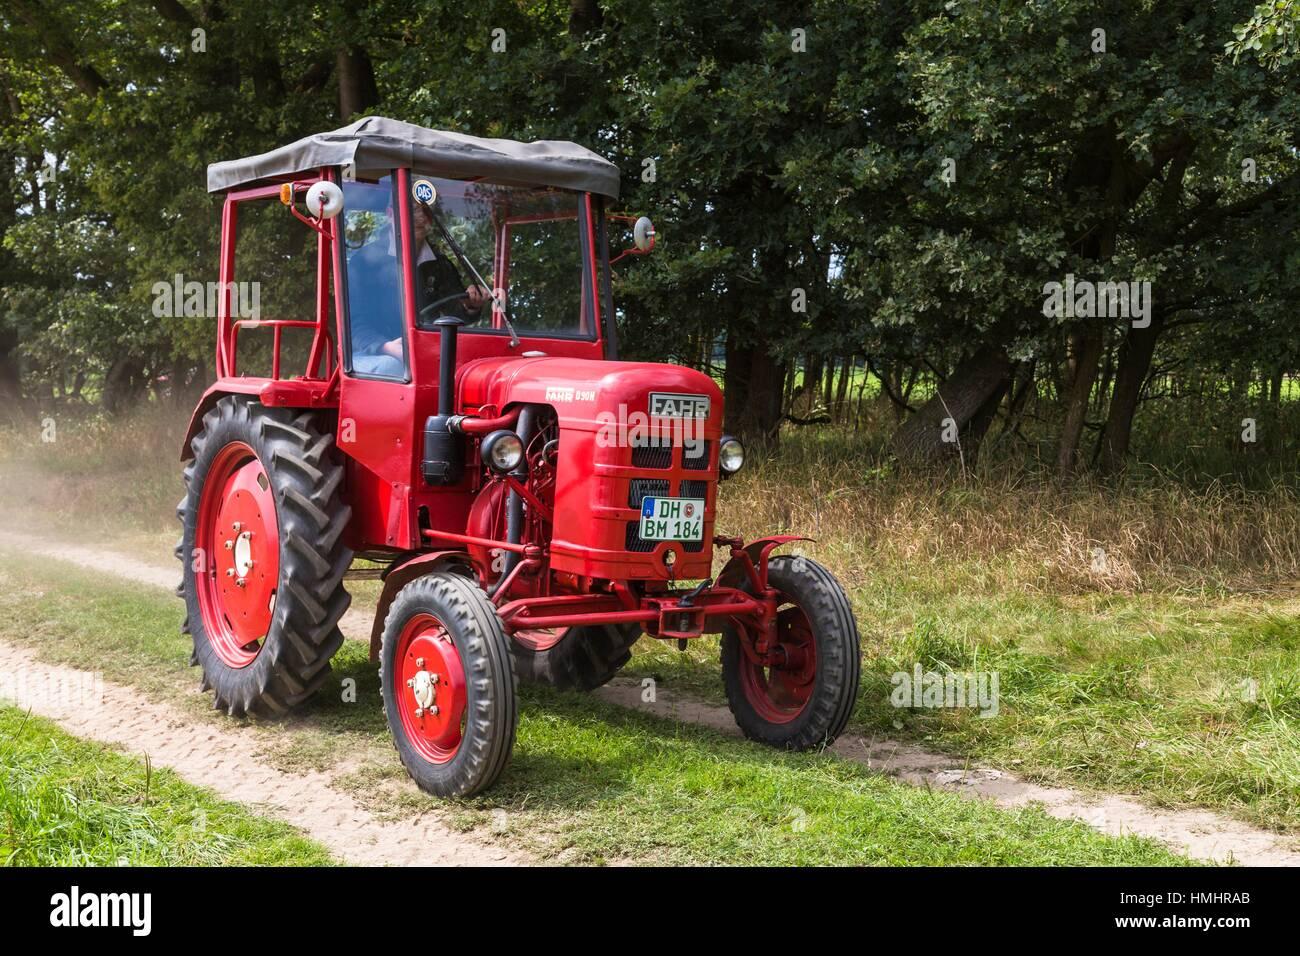 oldtimer fahr traktor in niedersachsen deutschland. Black Bedroom Furniture Sets. Home Design Ideas